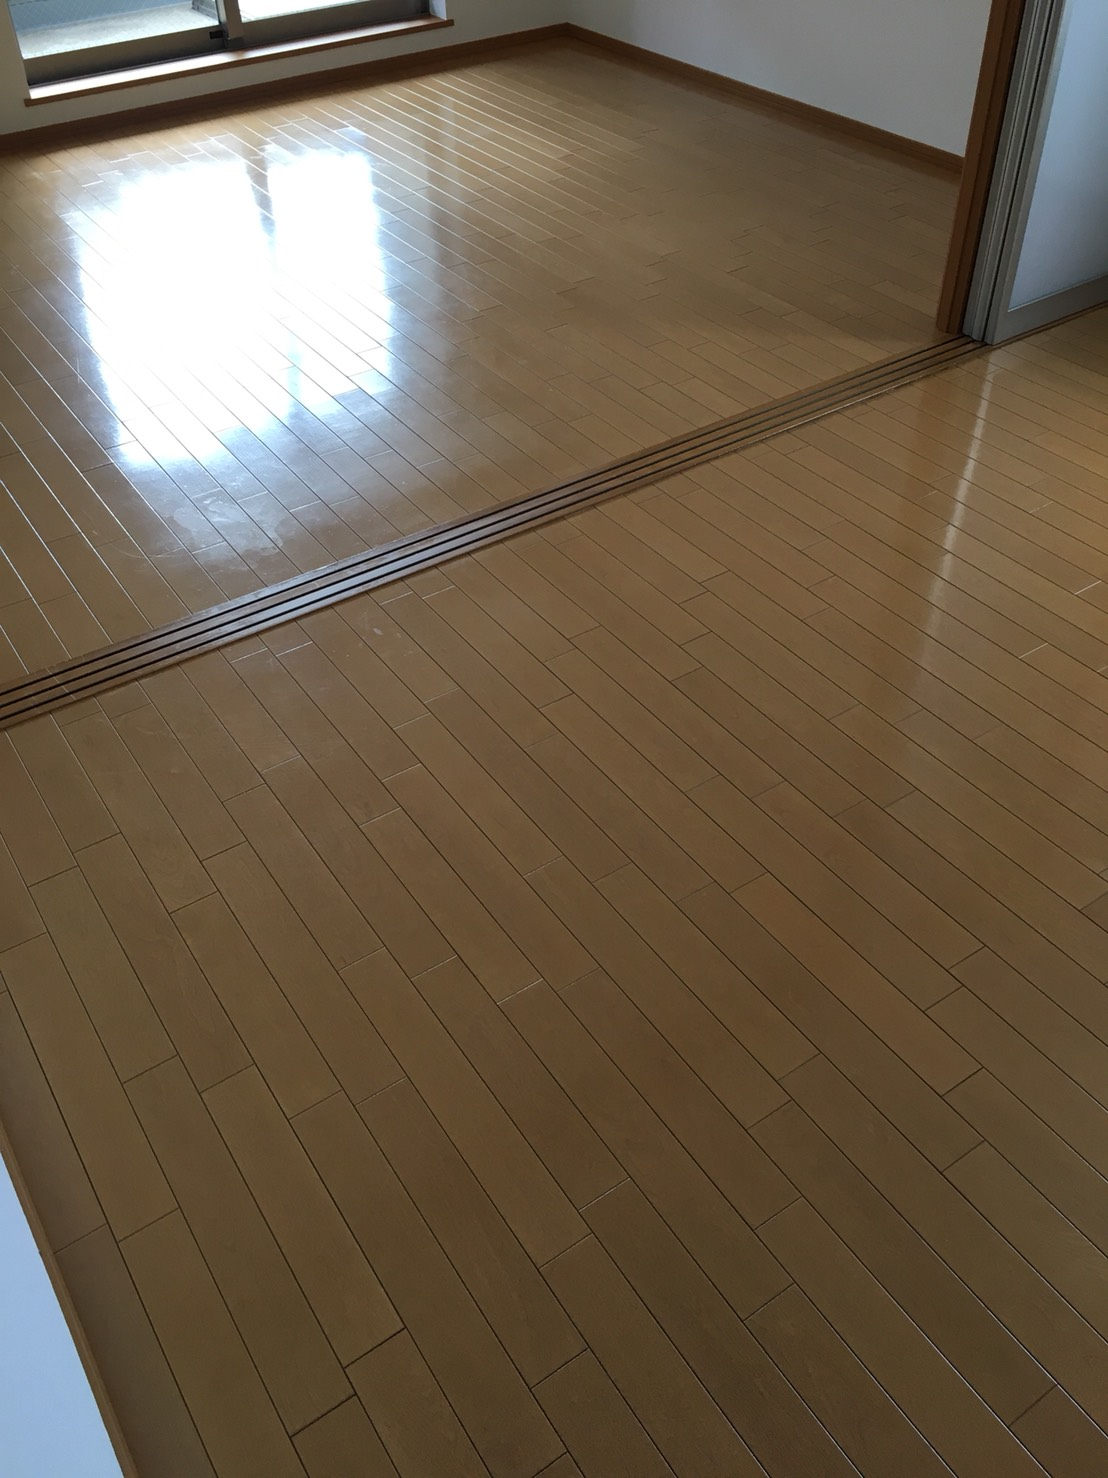 入居前のハウスクリーニング・新生活をスタート!お部屋スッキリ丸ごとお掃除はおそうじプラスへ。